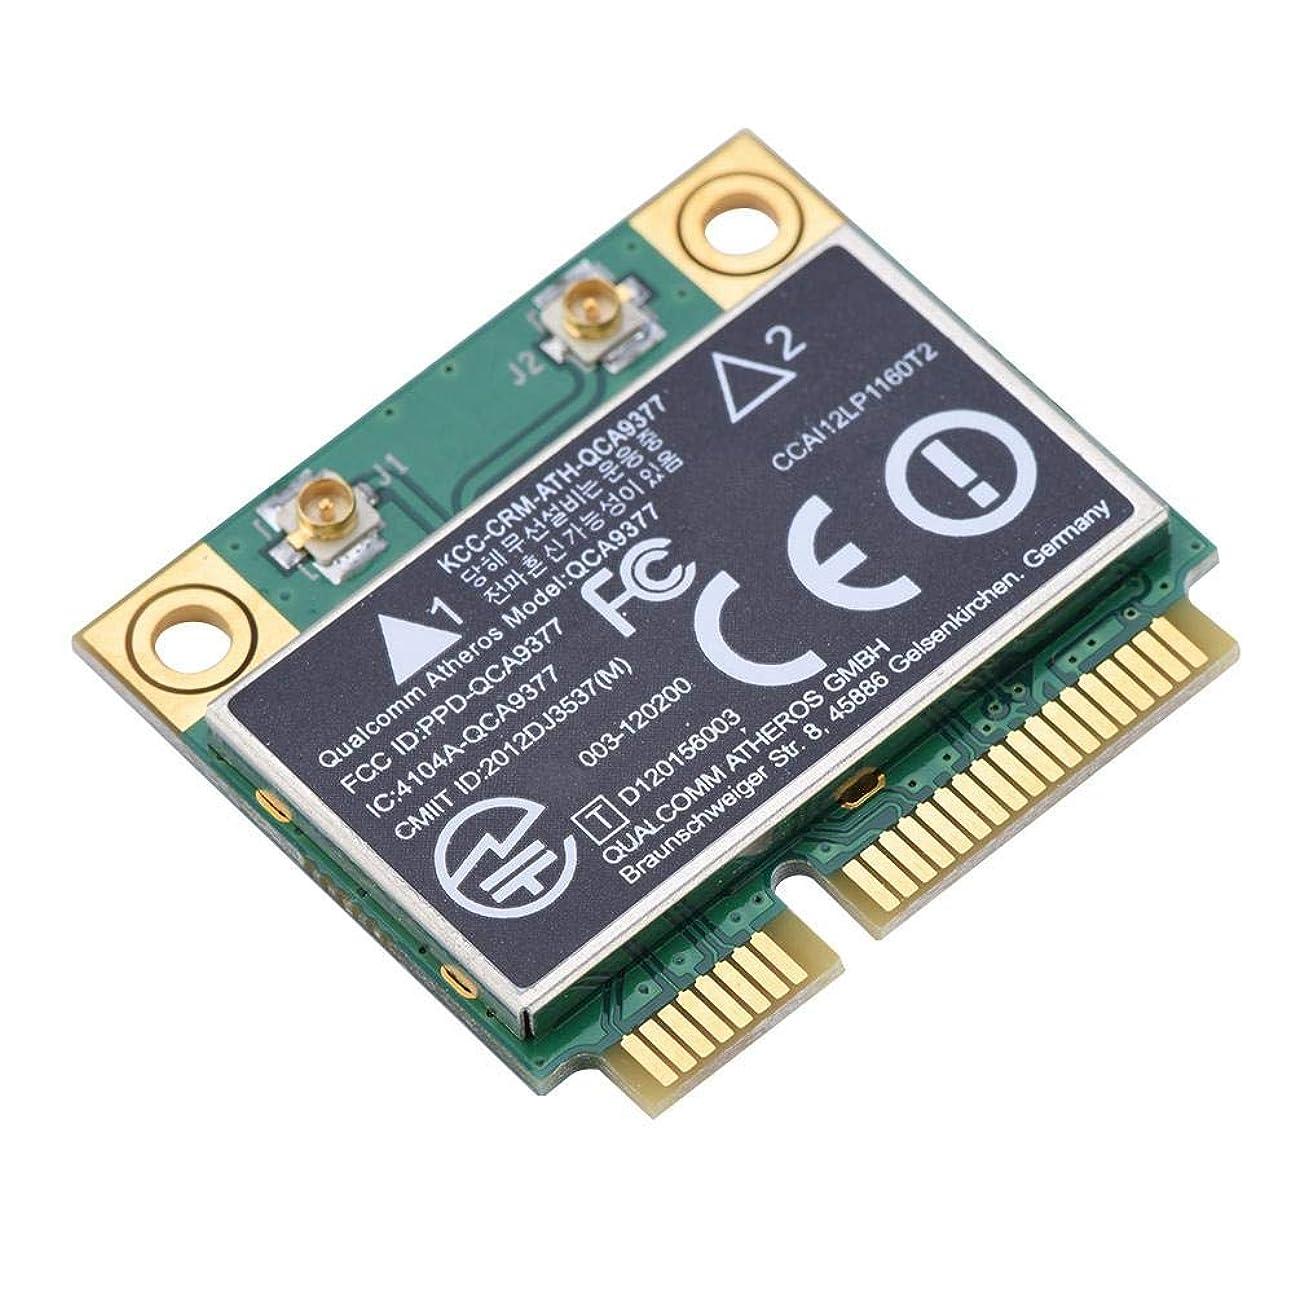 ブレーク増加するプロポーショナルミニWIFIカード VBESTLIFE 433Mbps デュアルバンド2.4G / 5GHzネットワークカード PCI-Eワイヤレスカード Windows 7/10対応